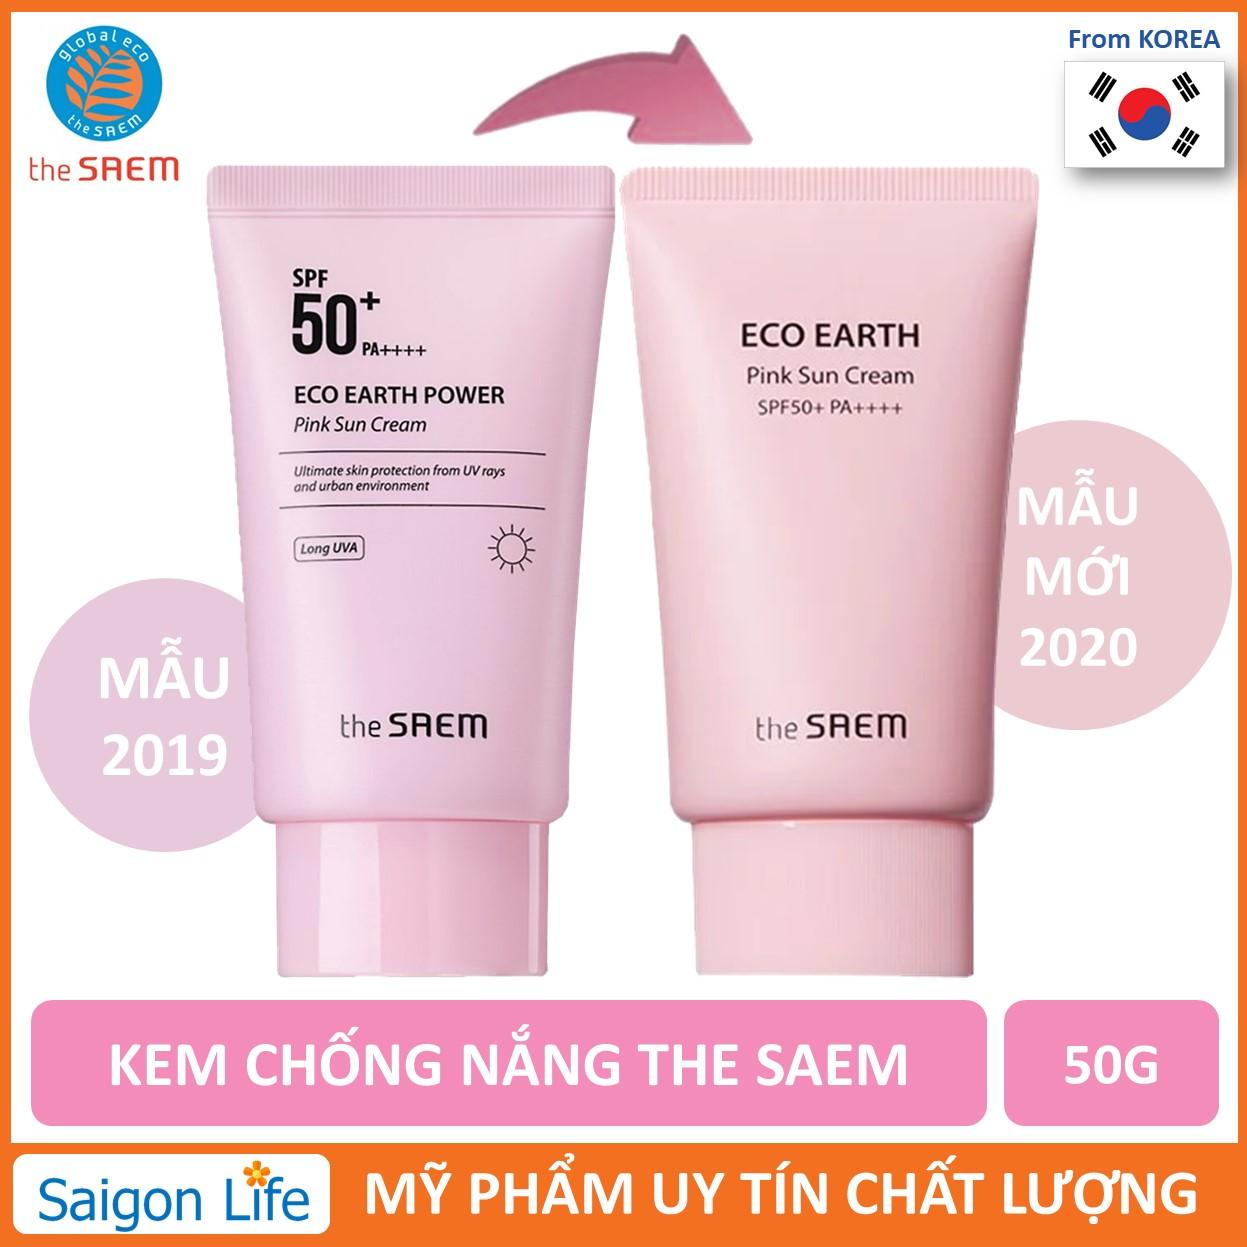 [HOT] Kem Chống Nắng The SAEM Eco Earth Power Pink Sun Cream SPF50+ PA++++ 50g Dành Cho Da Nhạy Cảm...